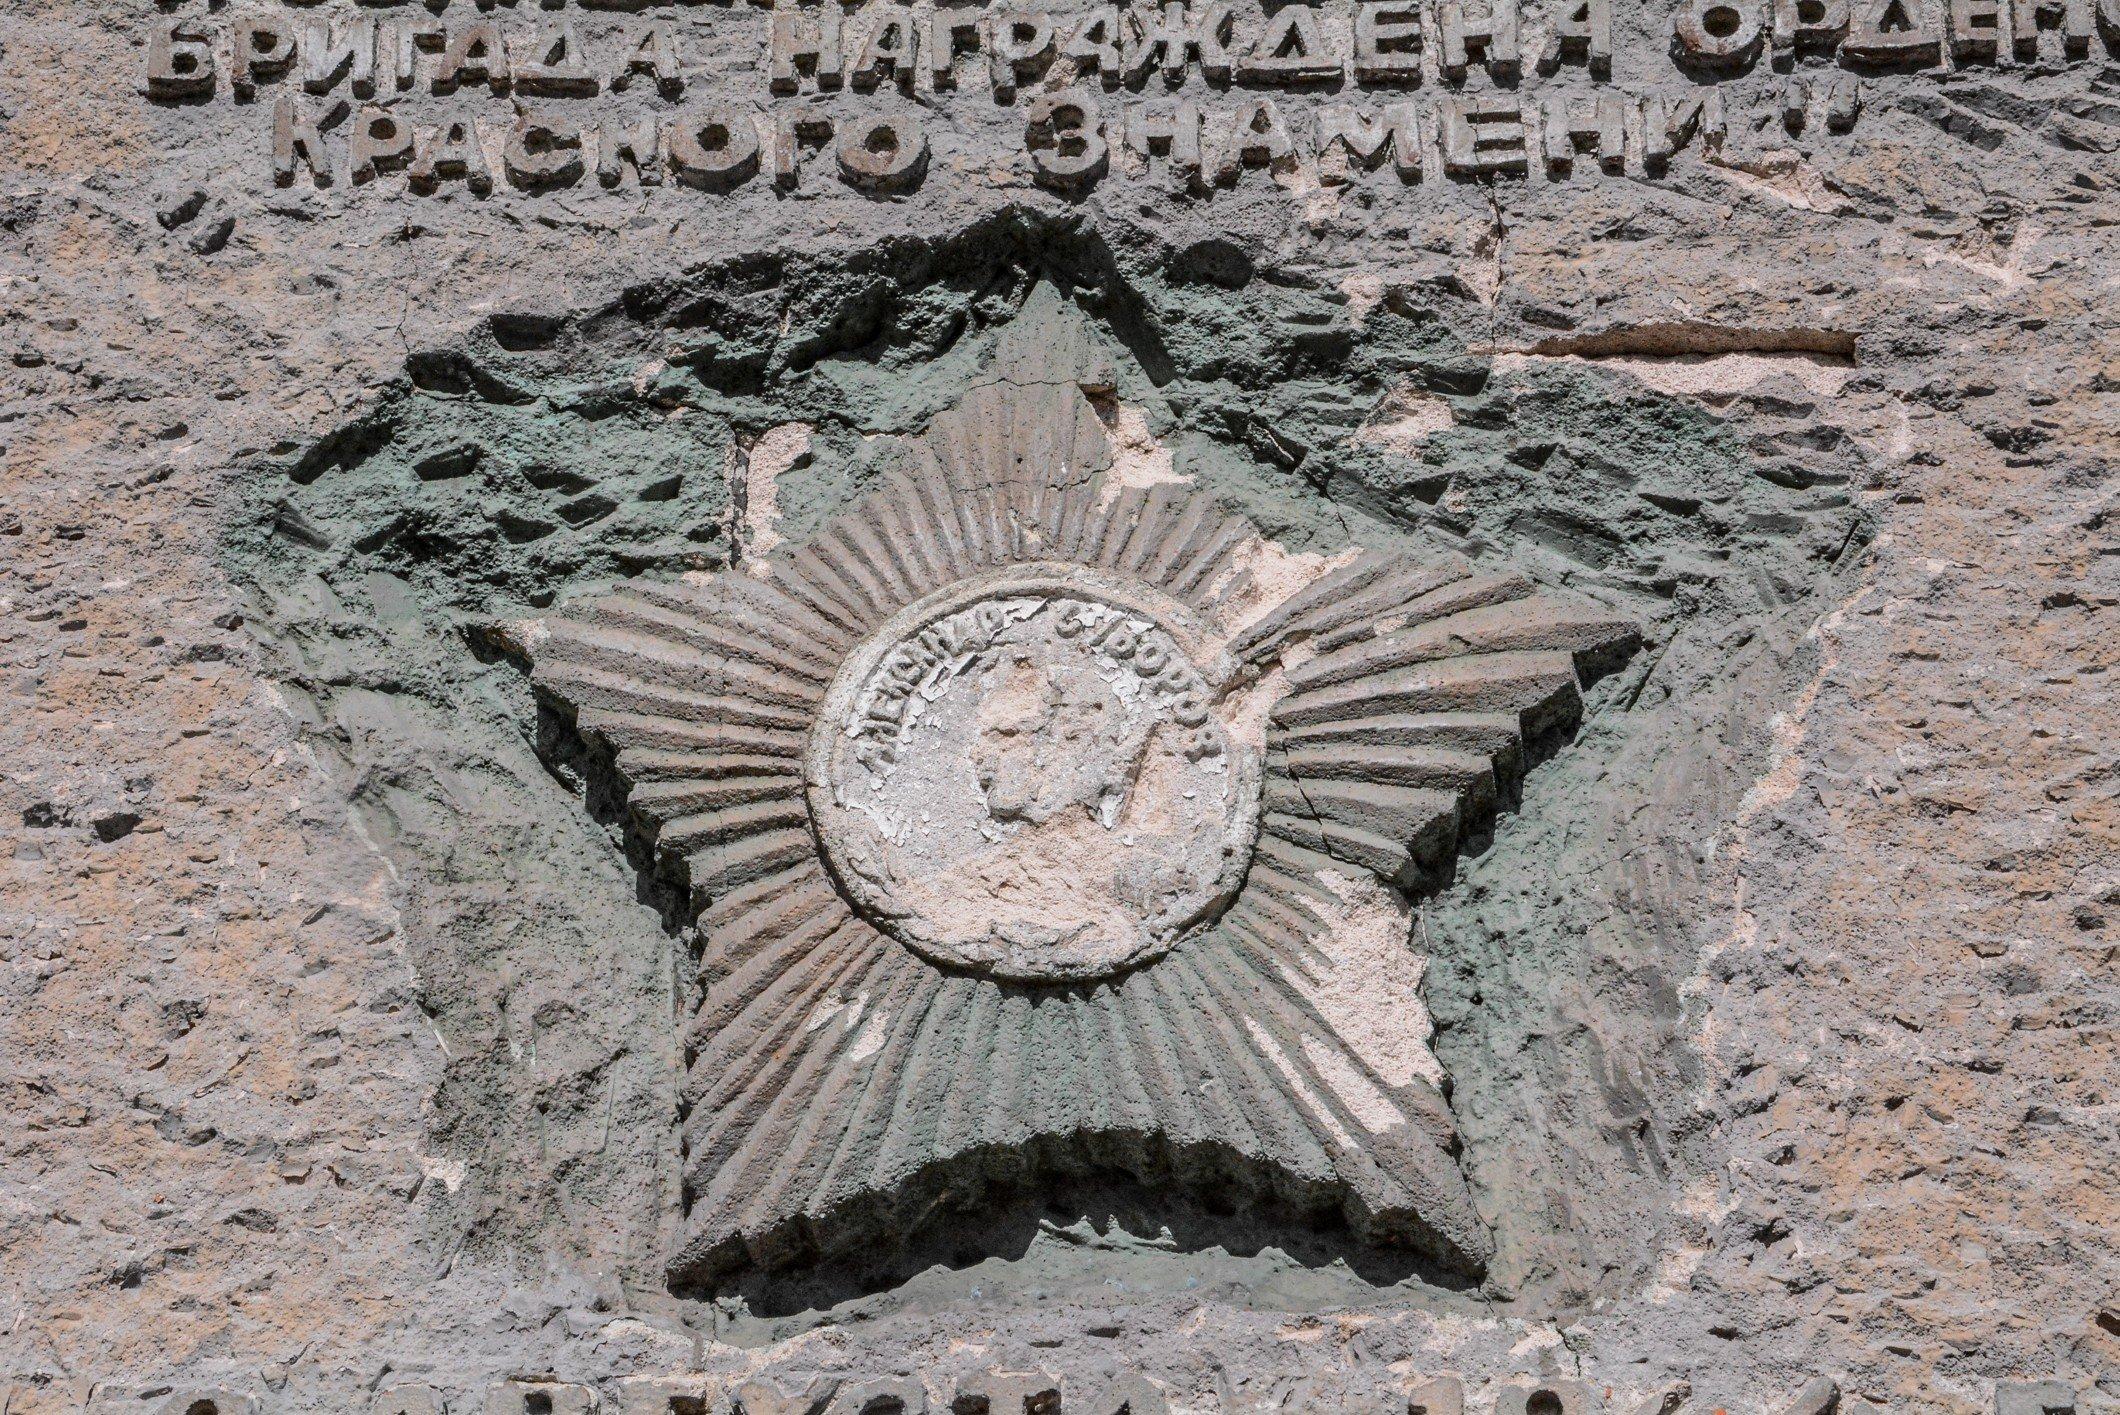 Order of Suvorov Suworow Orden soviet war memorial sowjetisches ehrenmal fürstenberg drögen brandenburg deutschland lost places urbex abandoned